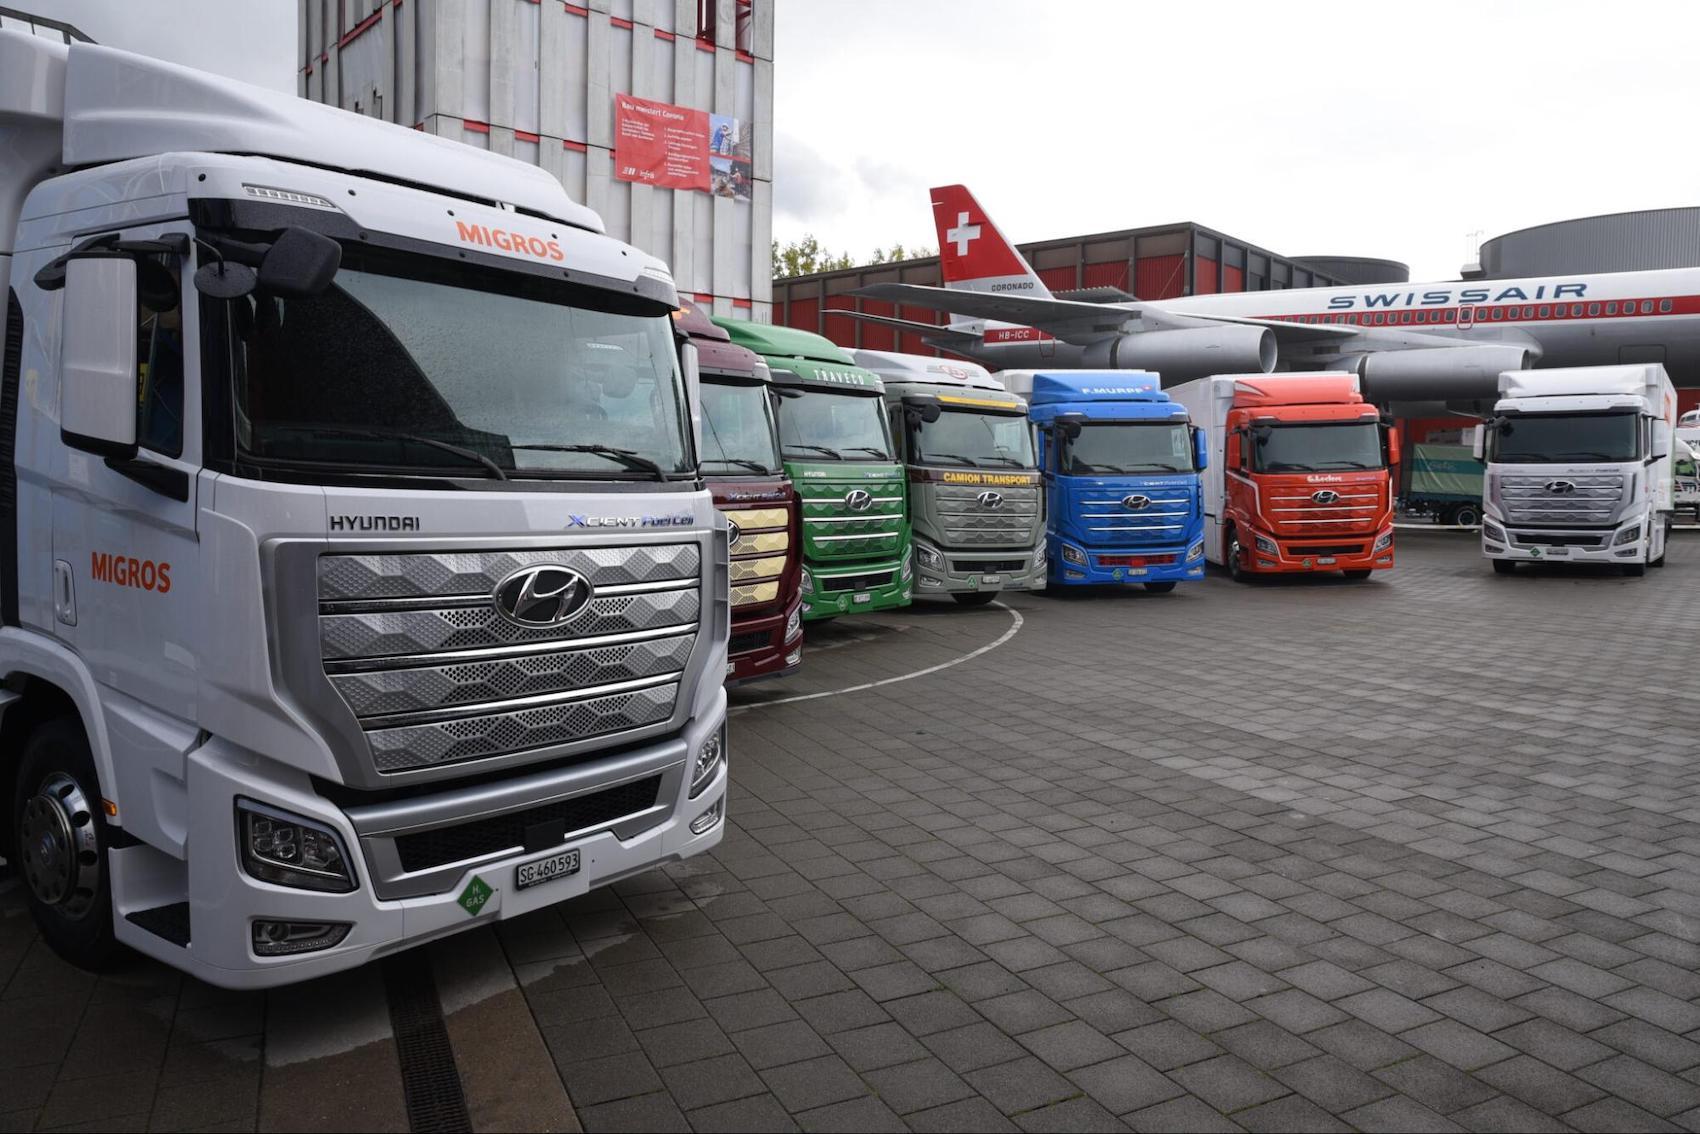 Sechs Transporteure, darunter Migros, Coop und Galliker Logistics, nahmen am 7. Oktober 2020 in Luzern die ersten Wasserstoff-Trucks der Schweiz in Empfang. (Förderverein H2 Mobilität Schweiz)